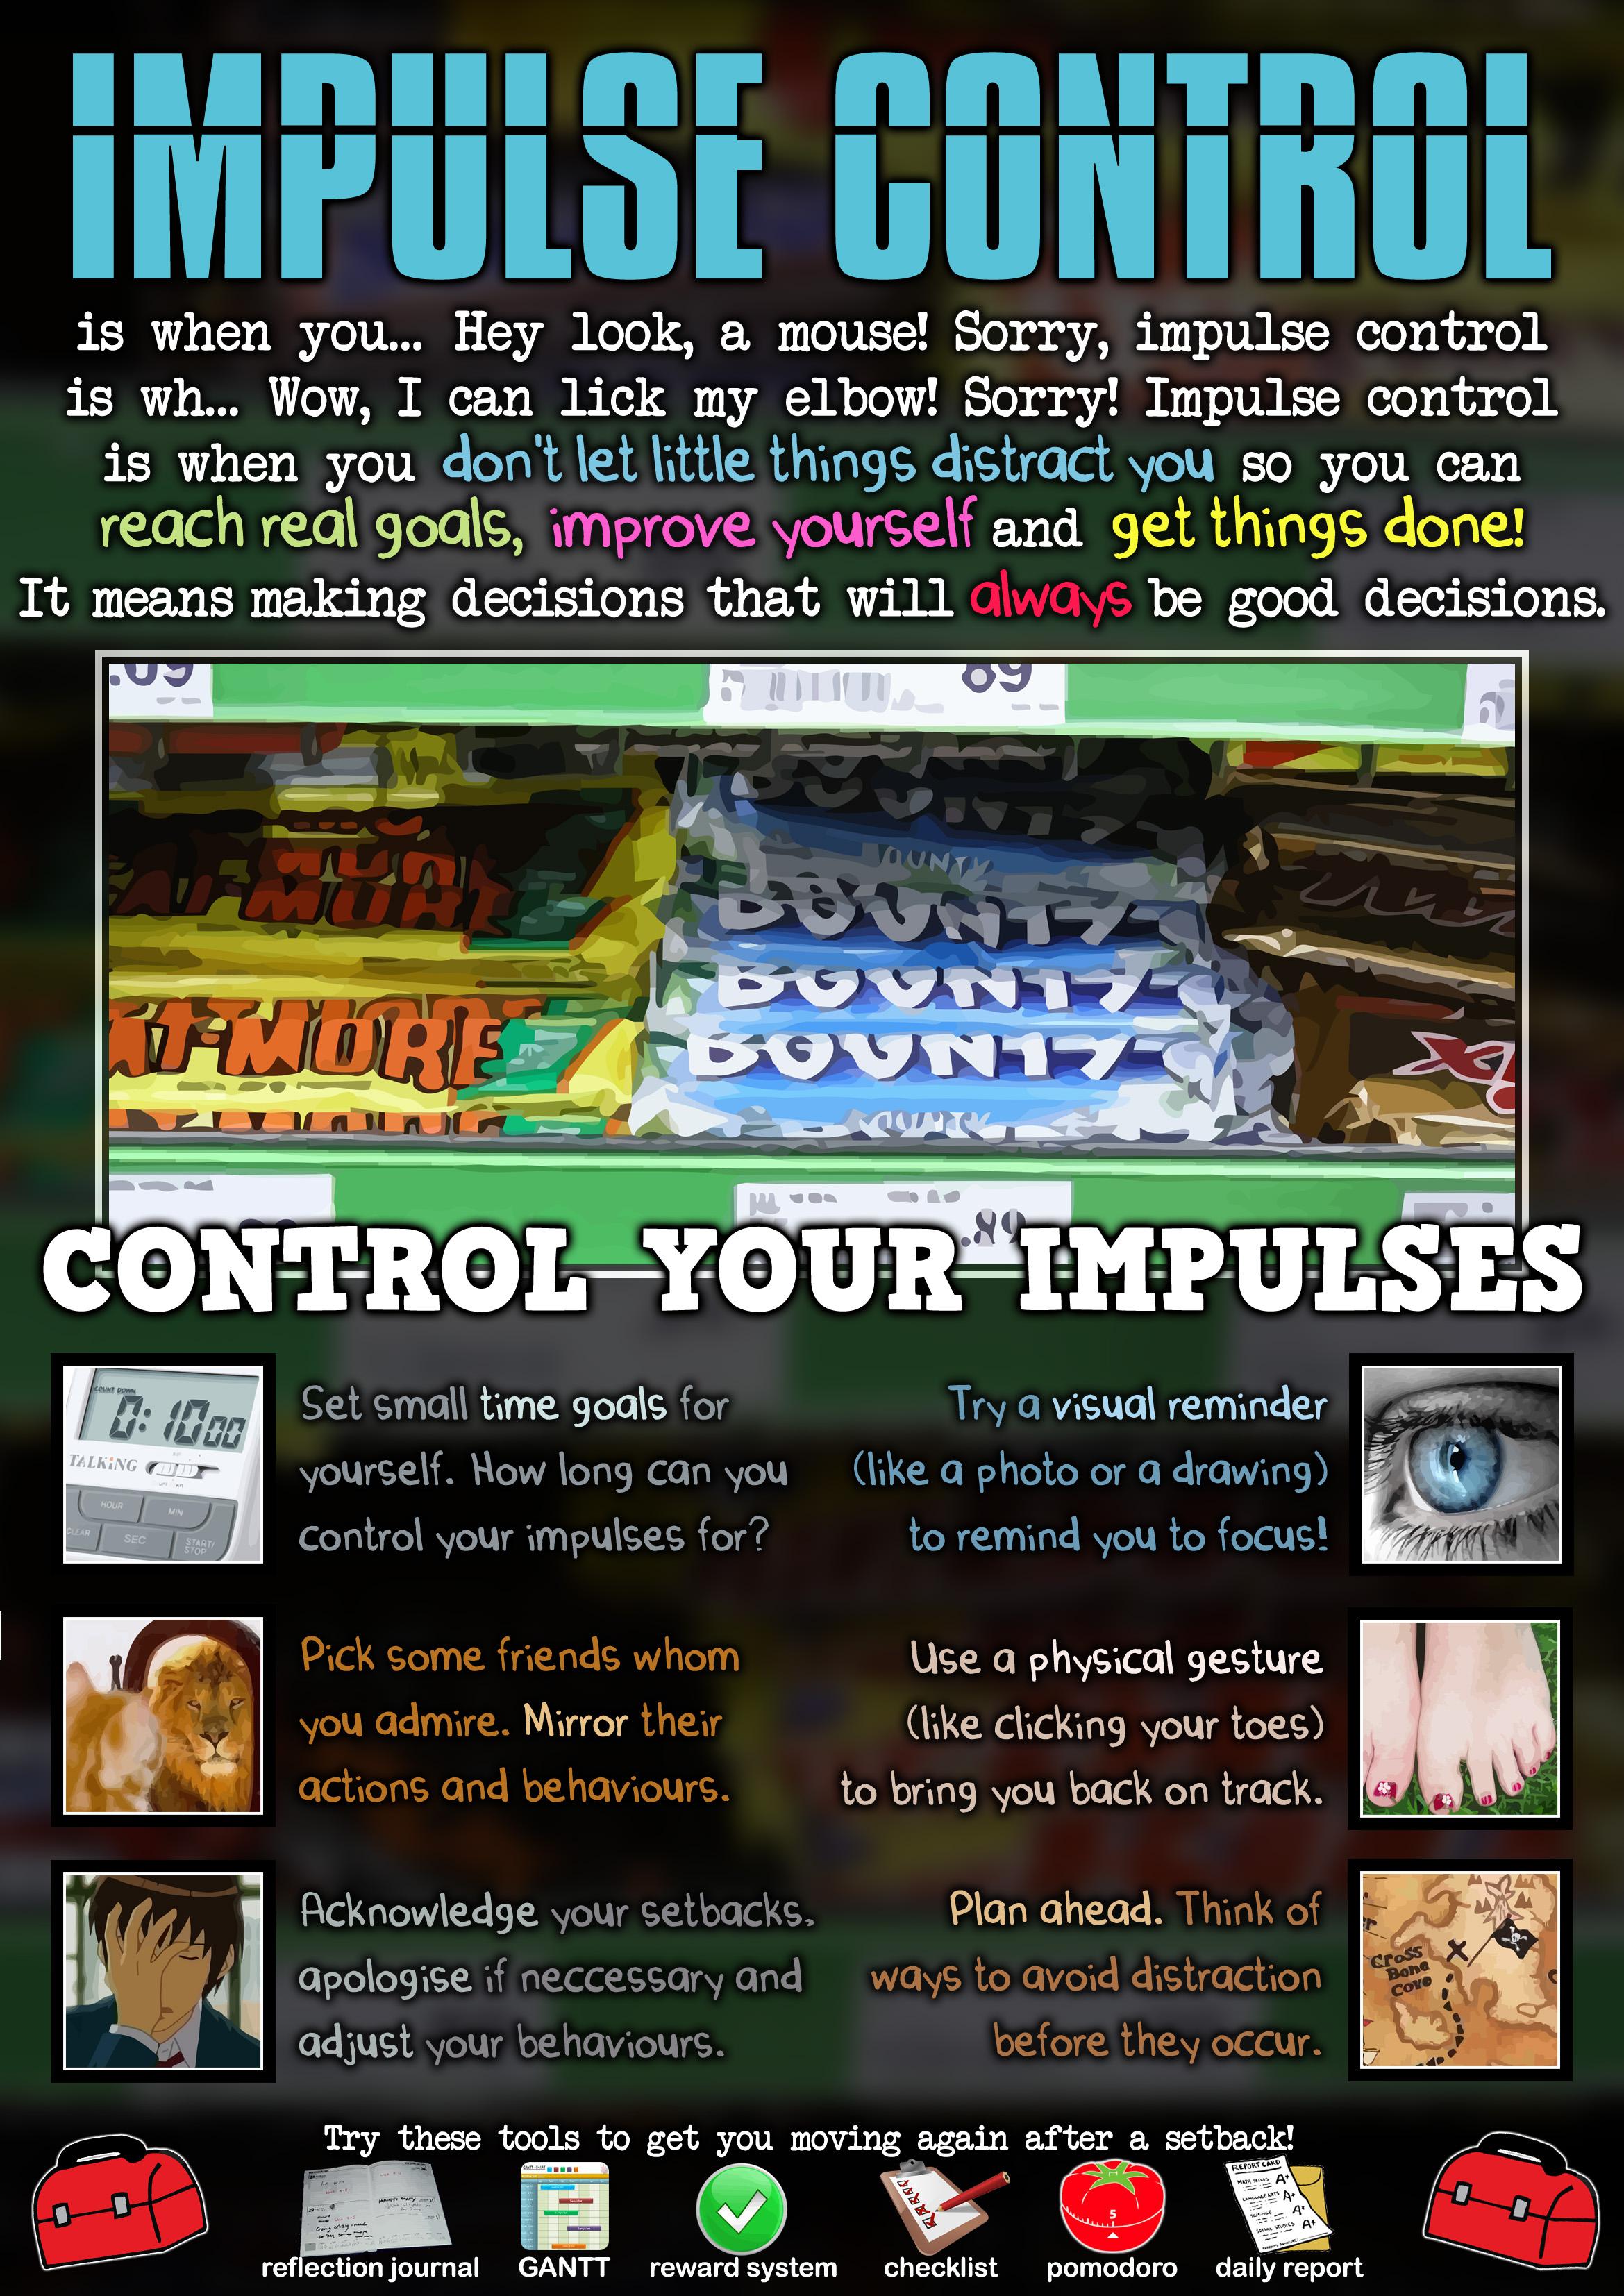 Hom Posters Impulse Control 1 2 339 3 307 Pixels